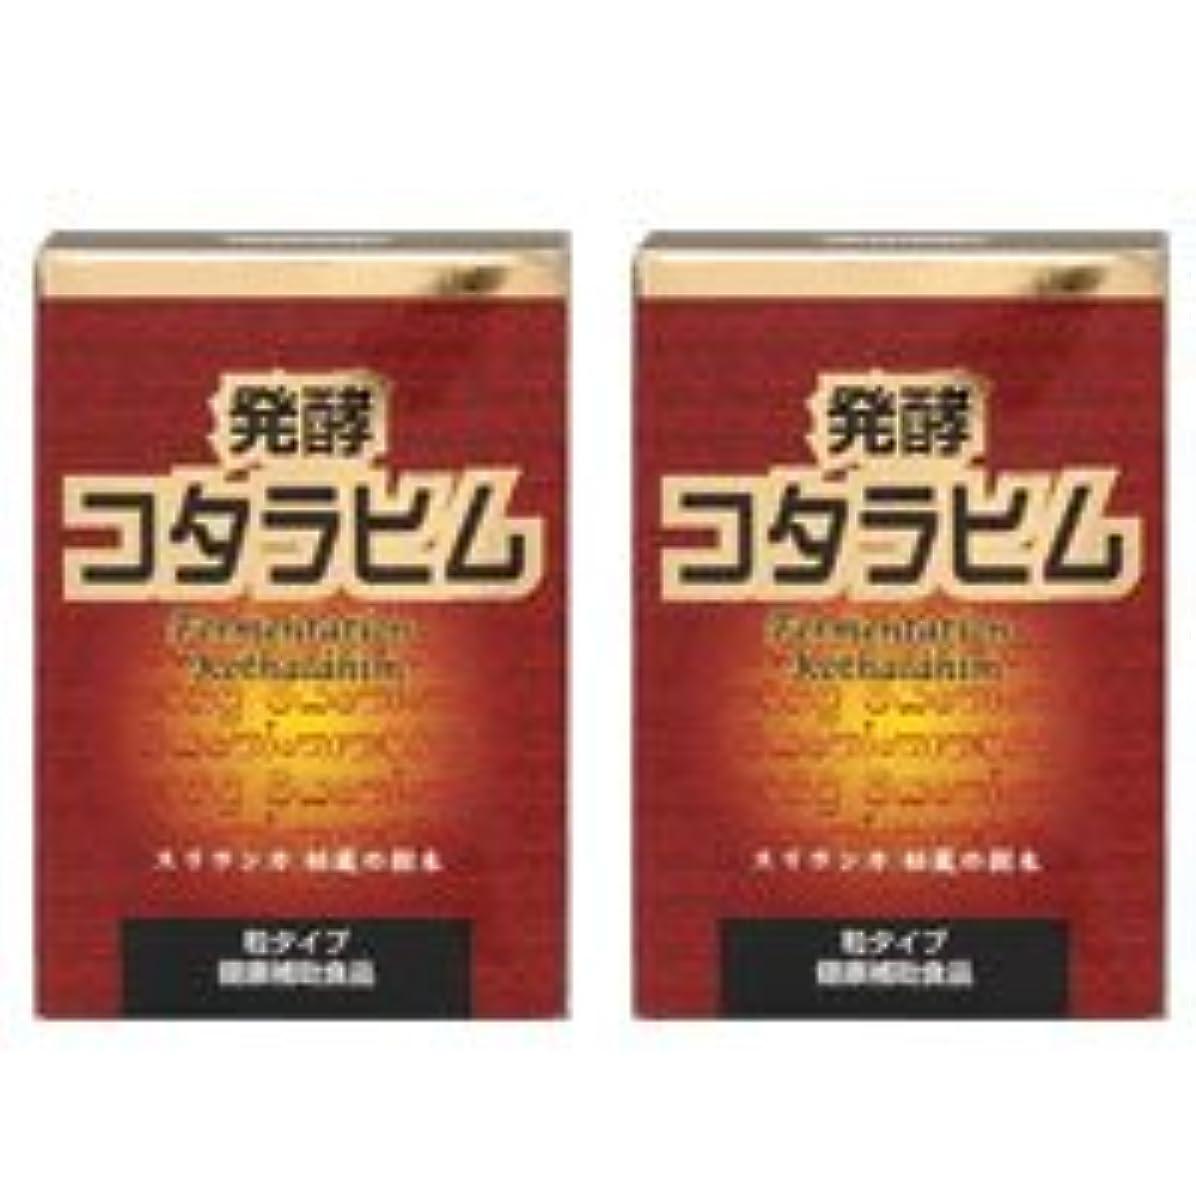 黄ばむ校長放棄された発酵コタラヒム2個セット【糖を変化させるコタラヒム】